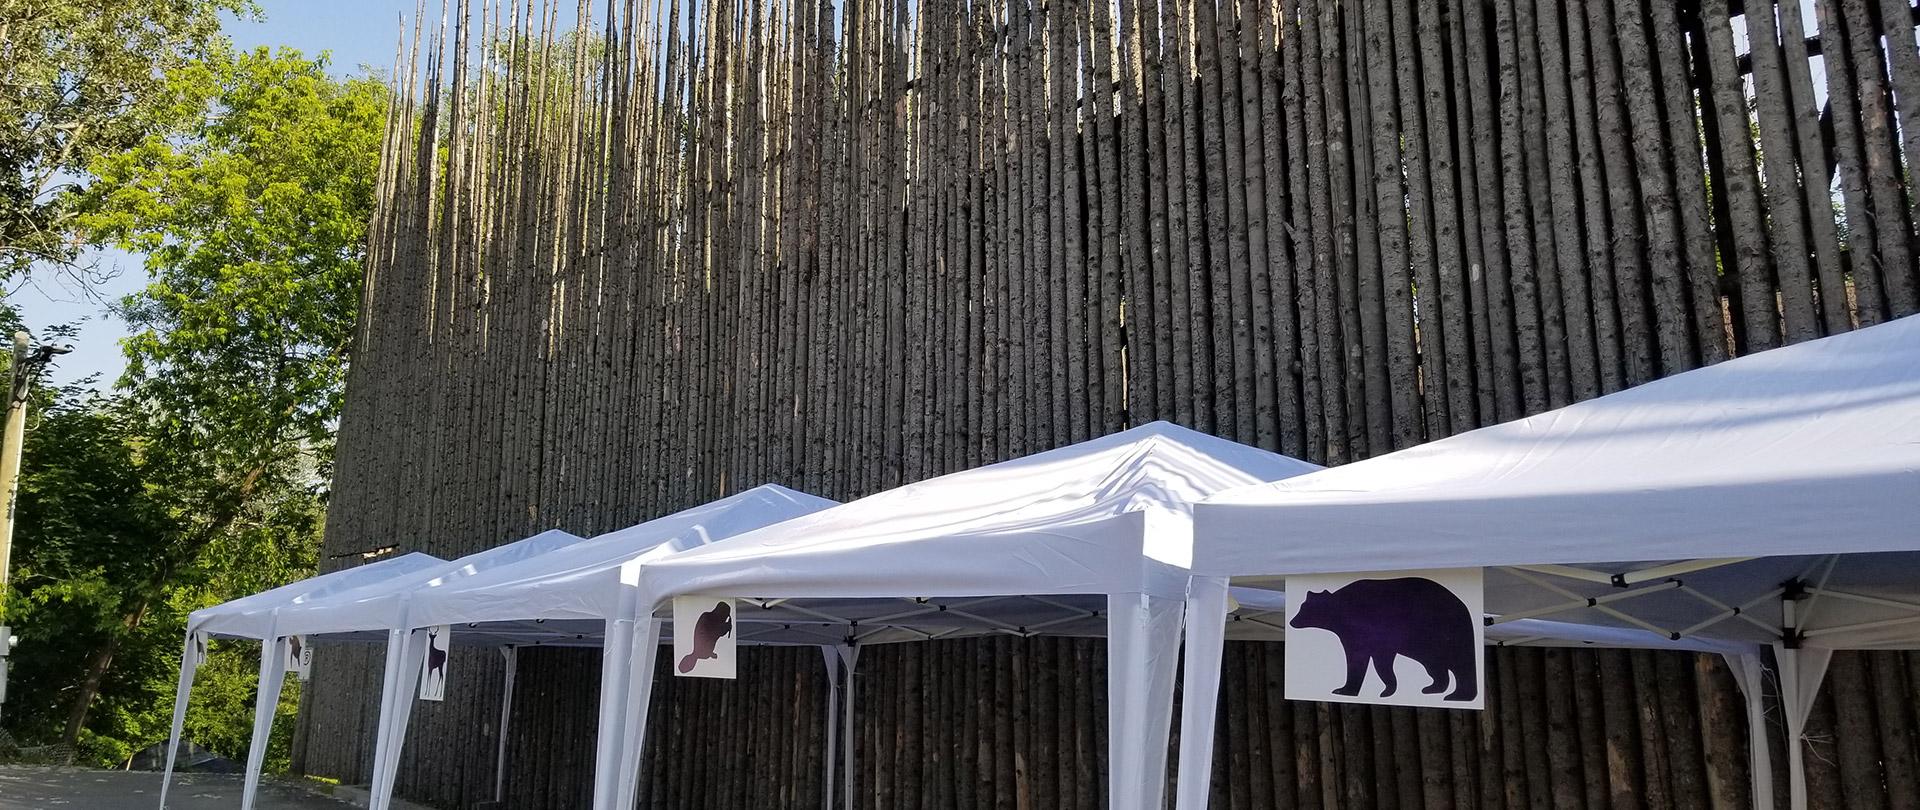 Visite découverte animée, autochtone - Musée huron wendat